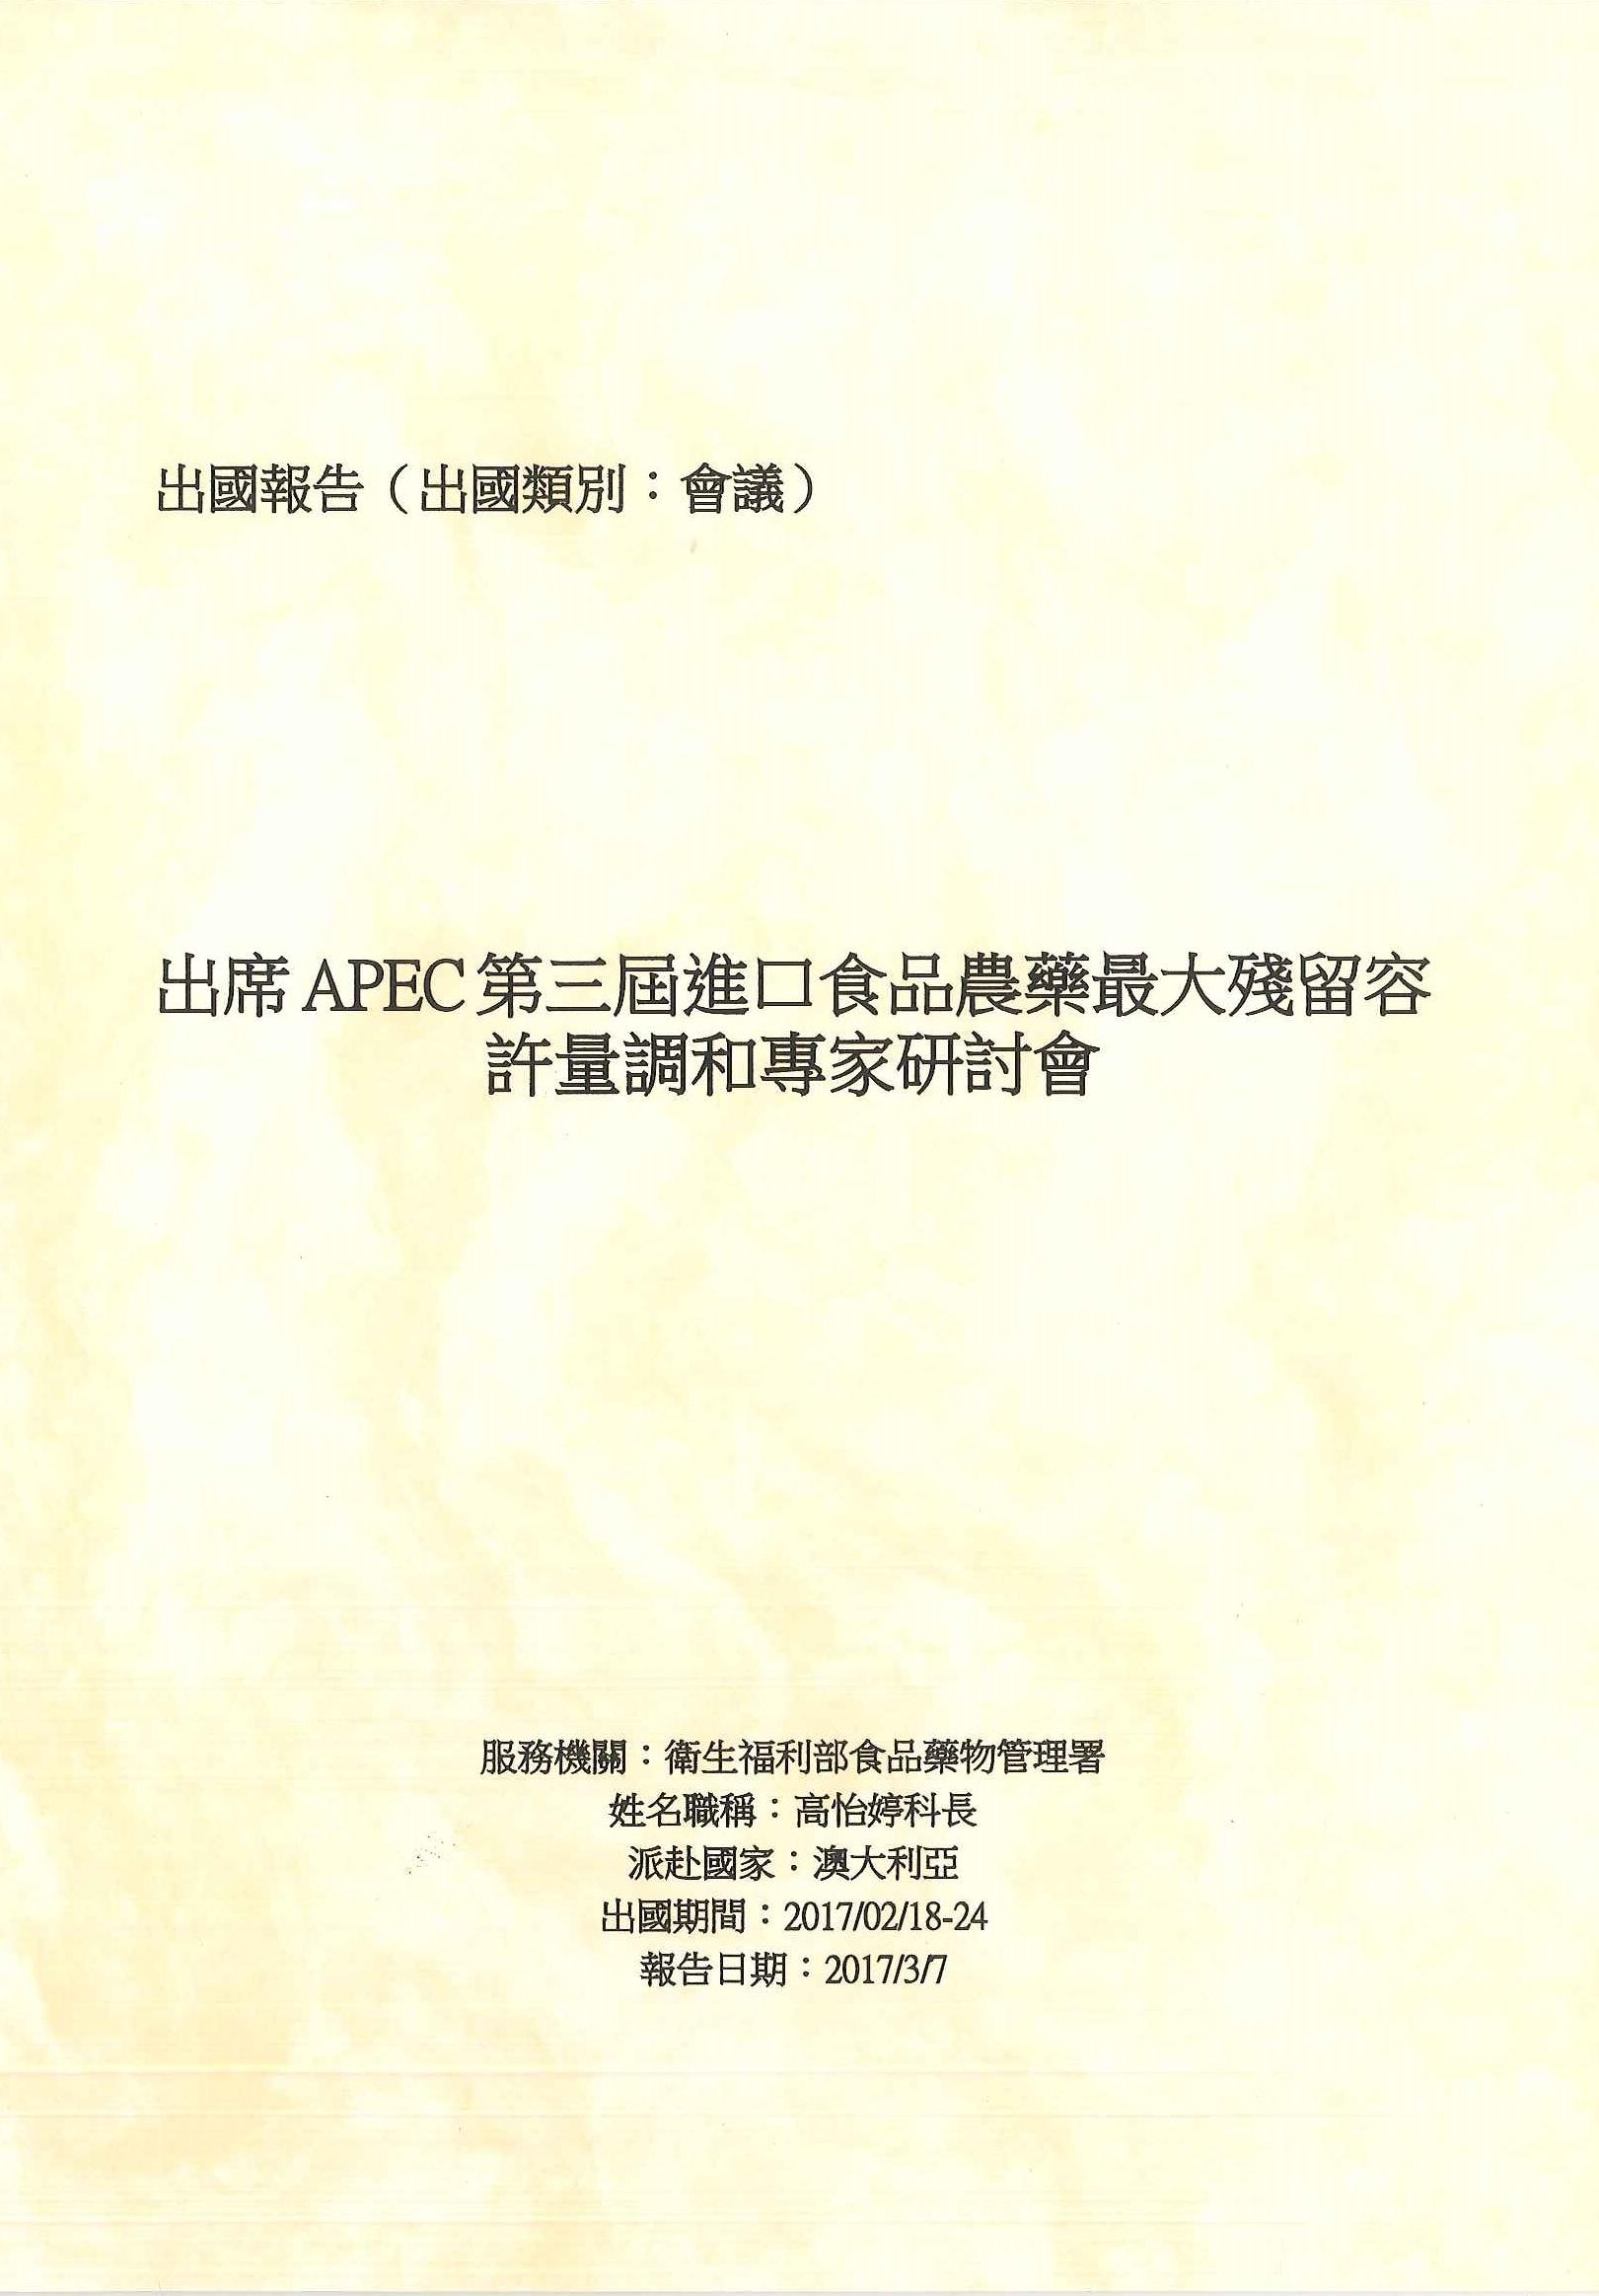 出席APEC第三屆進口食品農藥最大殘留容許量調和專家研討會